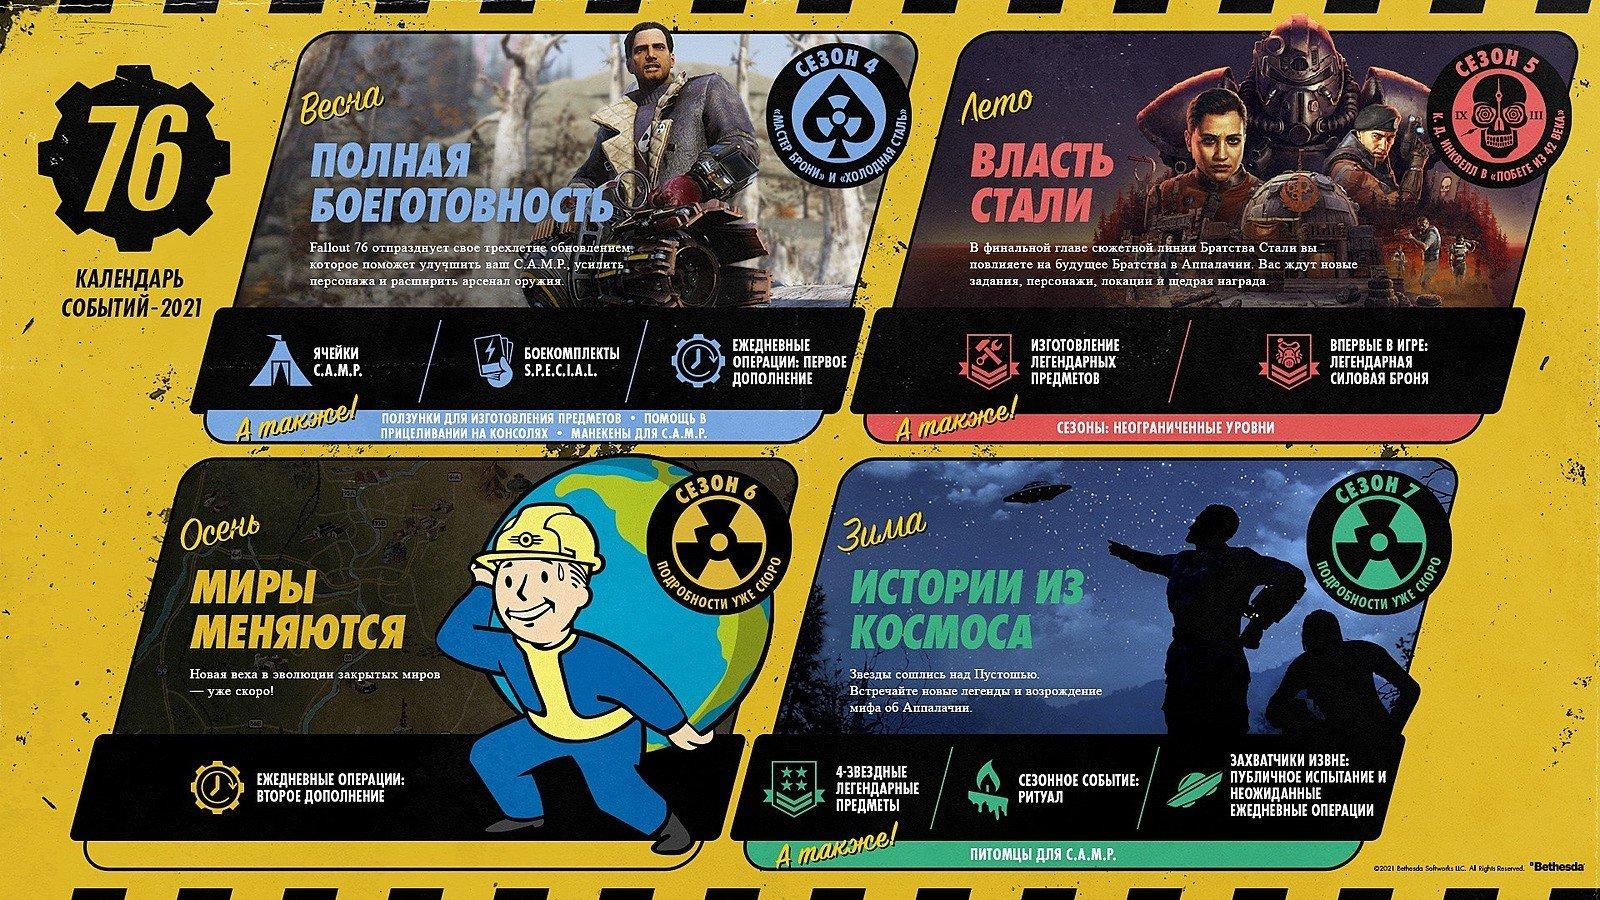 Зимой в Fallout 76 появятся инопланетяне